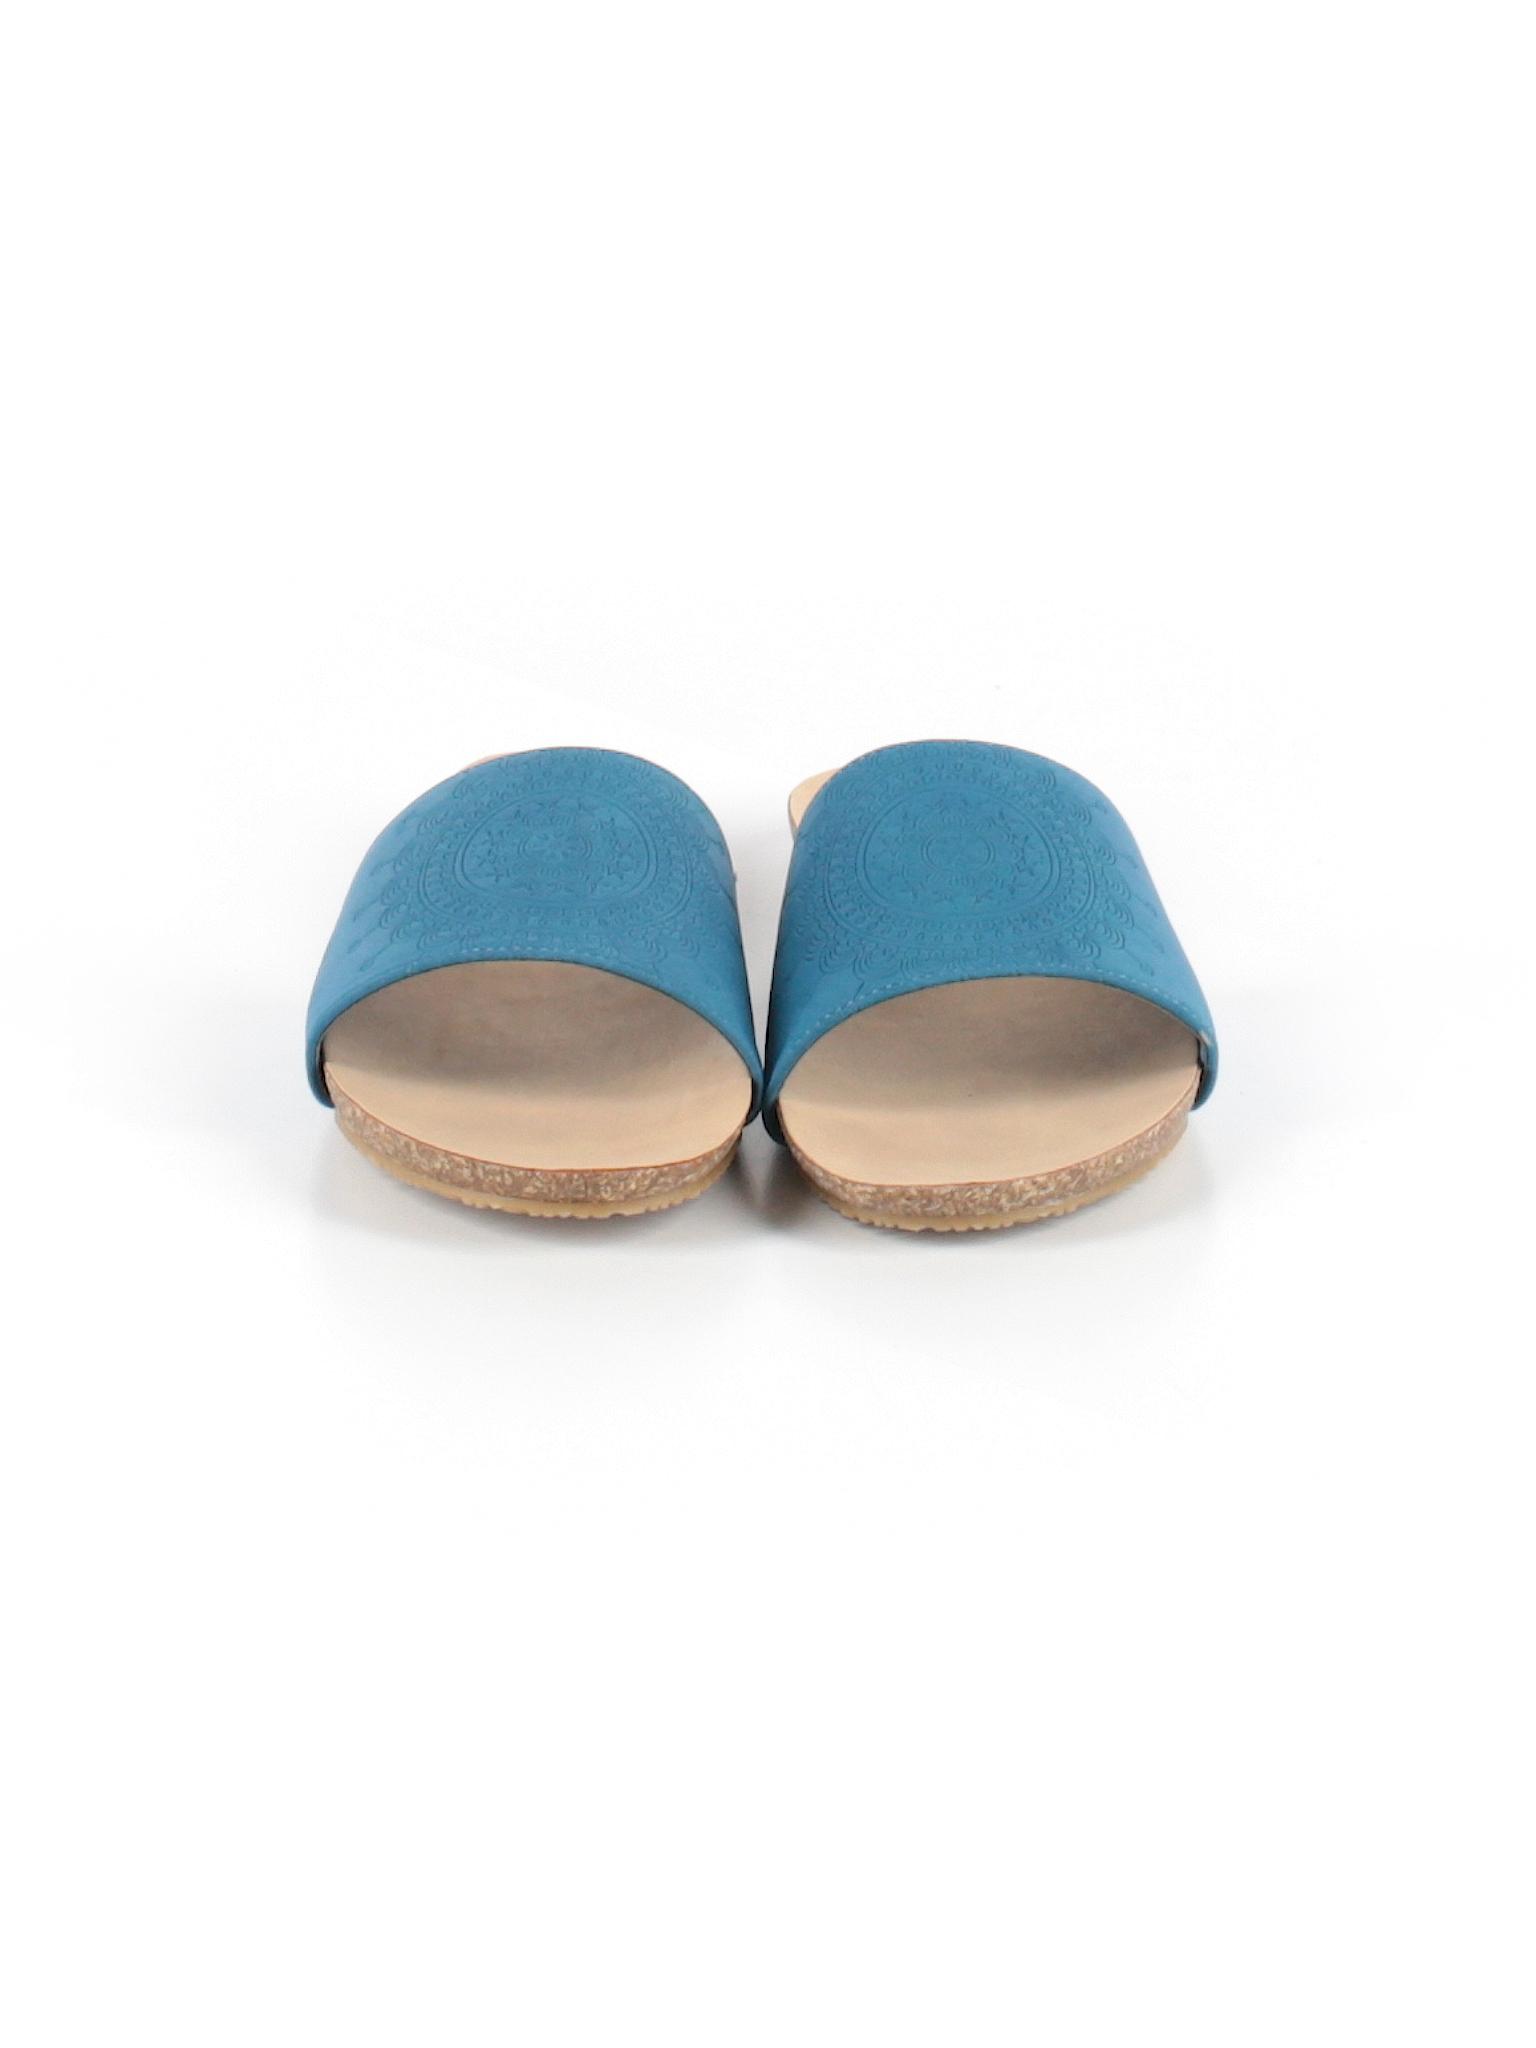 Boutique Sandals promotion Mia Boutique promotion xUqw8z7a